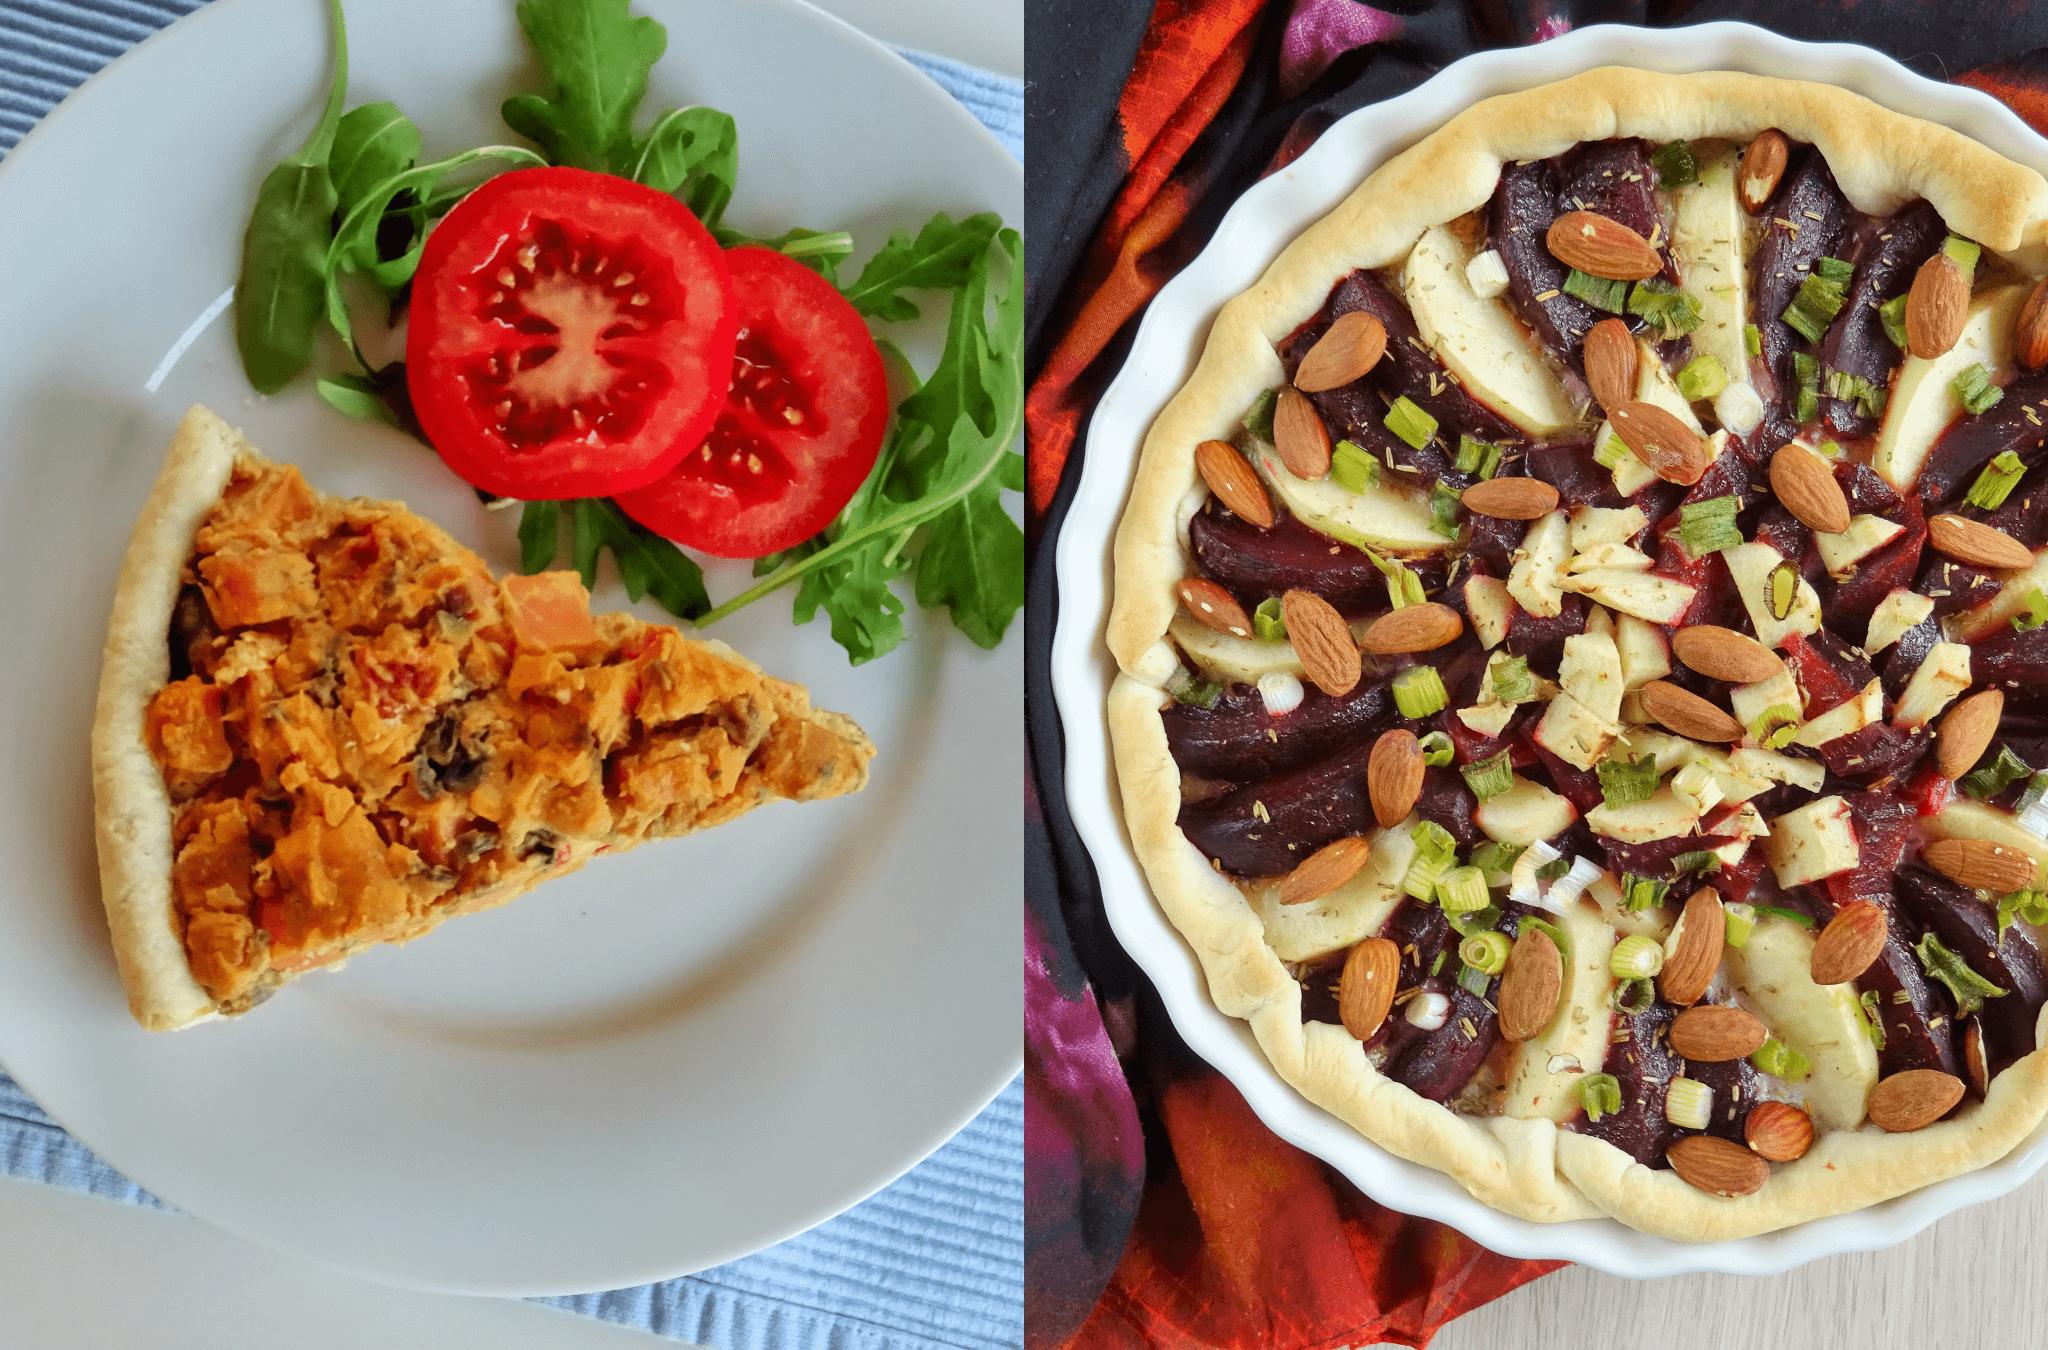 Hoe maak je de perfecte vegan quiche?